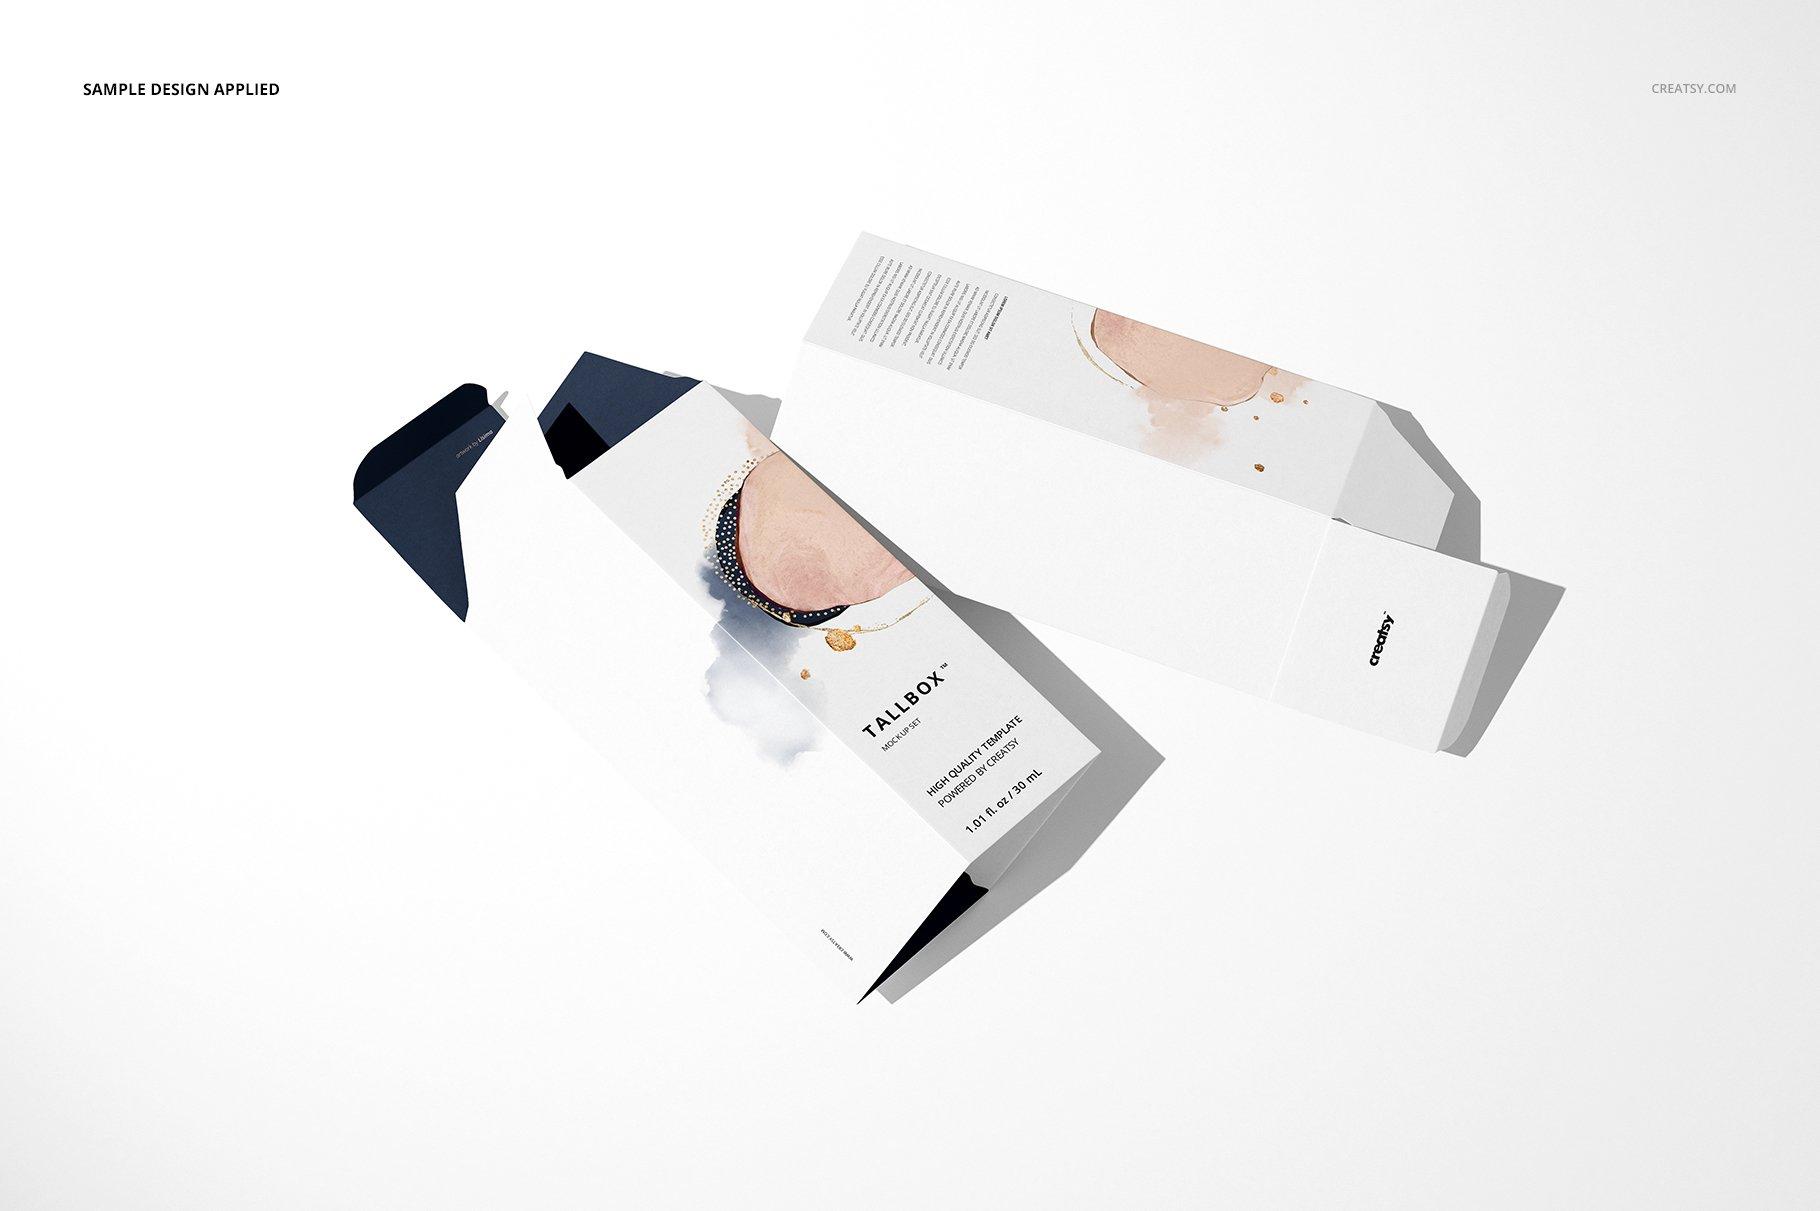 极简方形产品包装纸盒设计PS智能贴图样机合集 Tall Box Mockup Set插图4